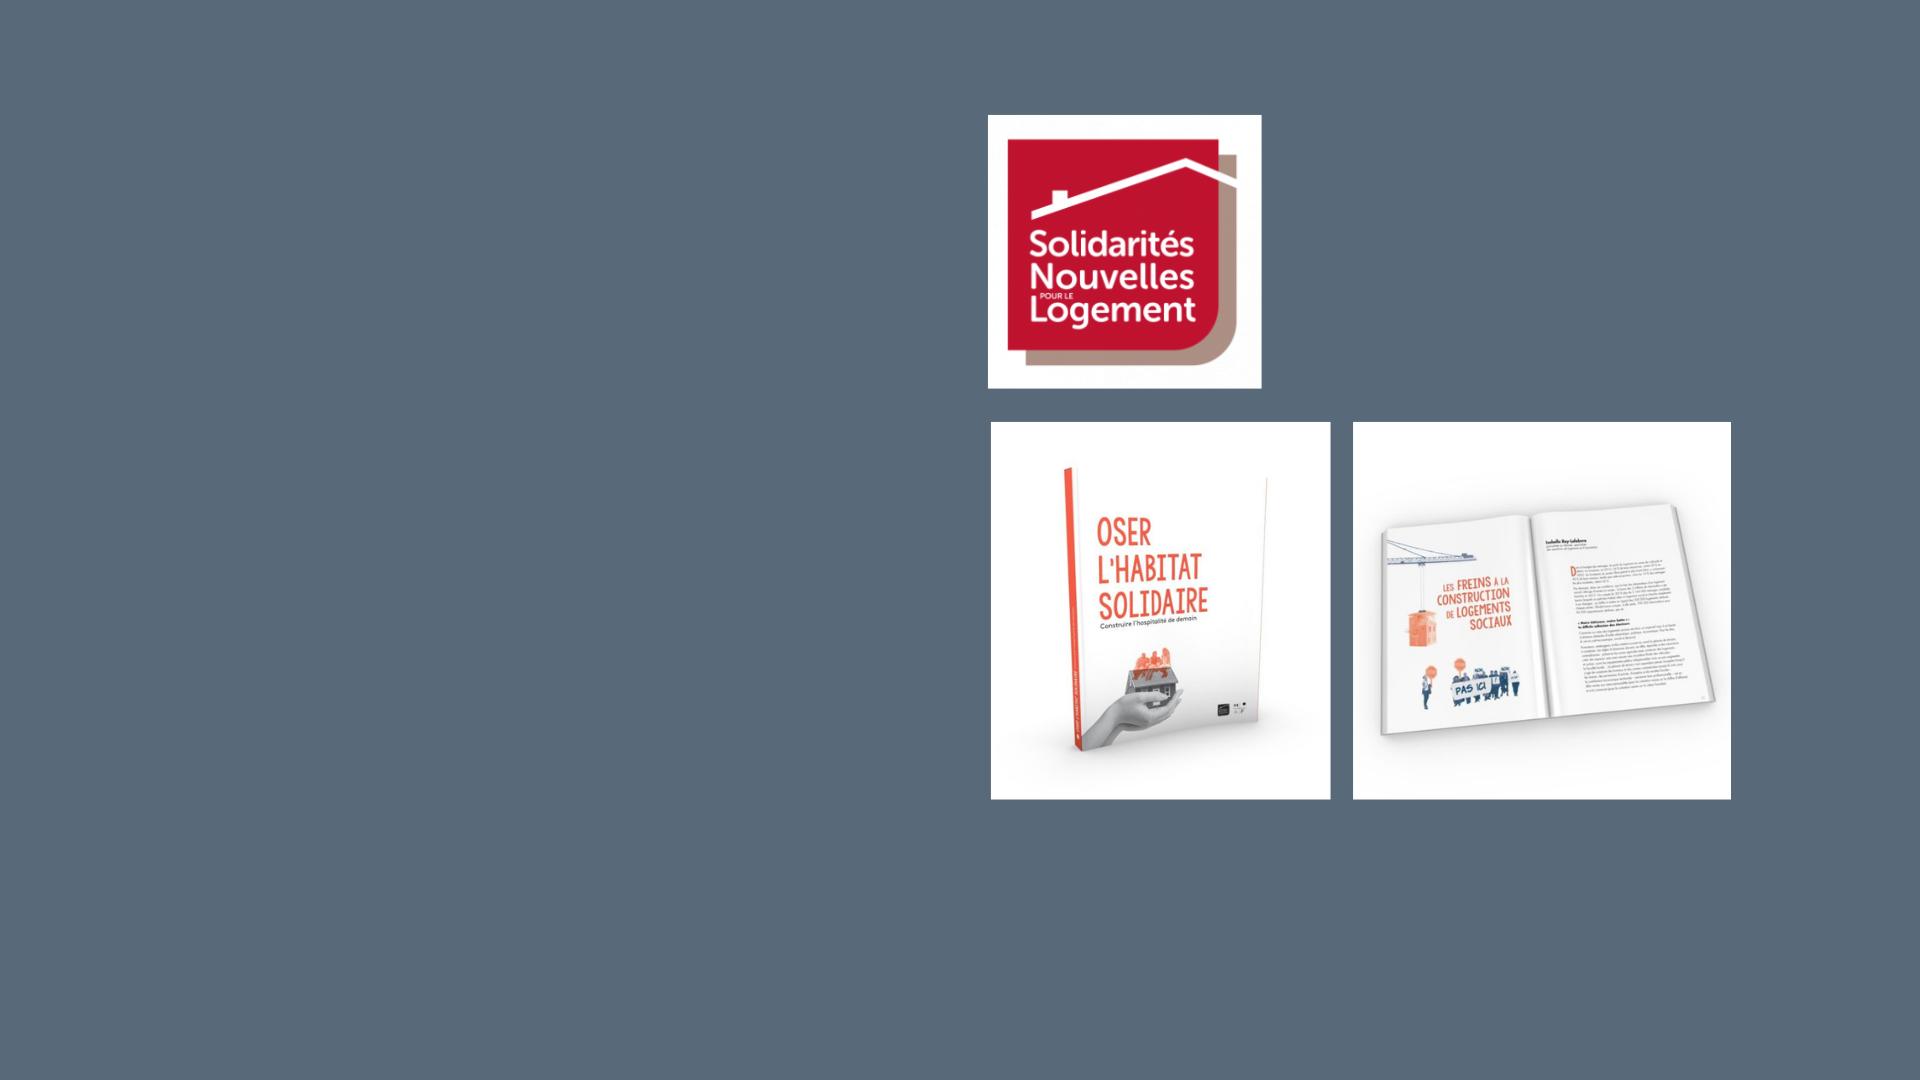 Solidarités Nouvelles pour le Logement publie un livre en faveur de l'habitat solidaire